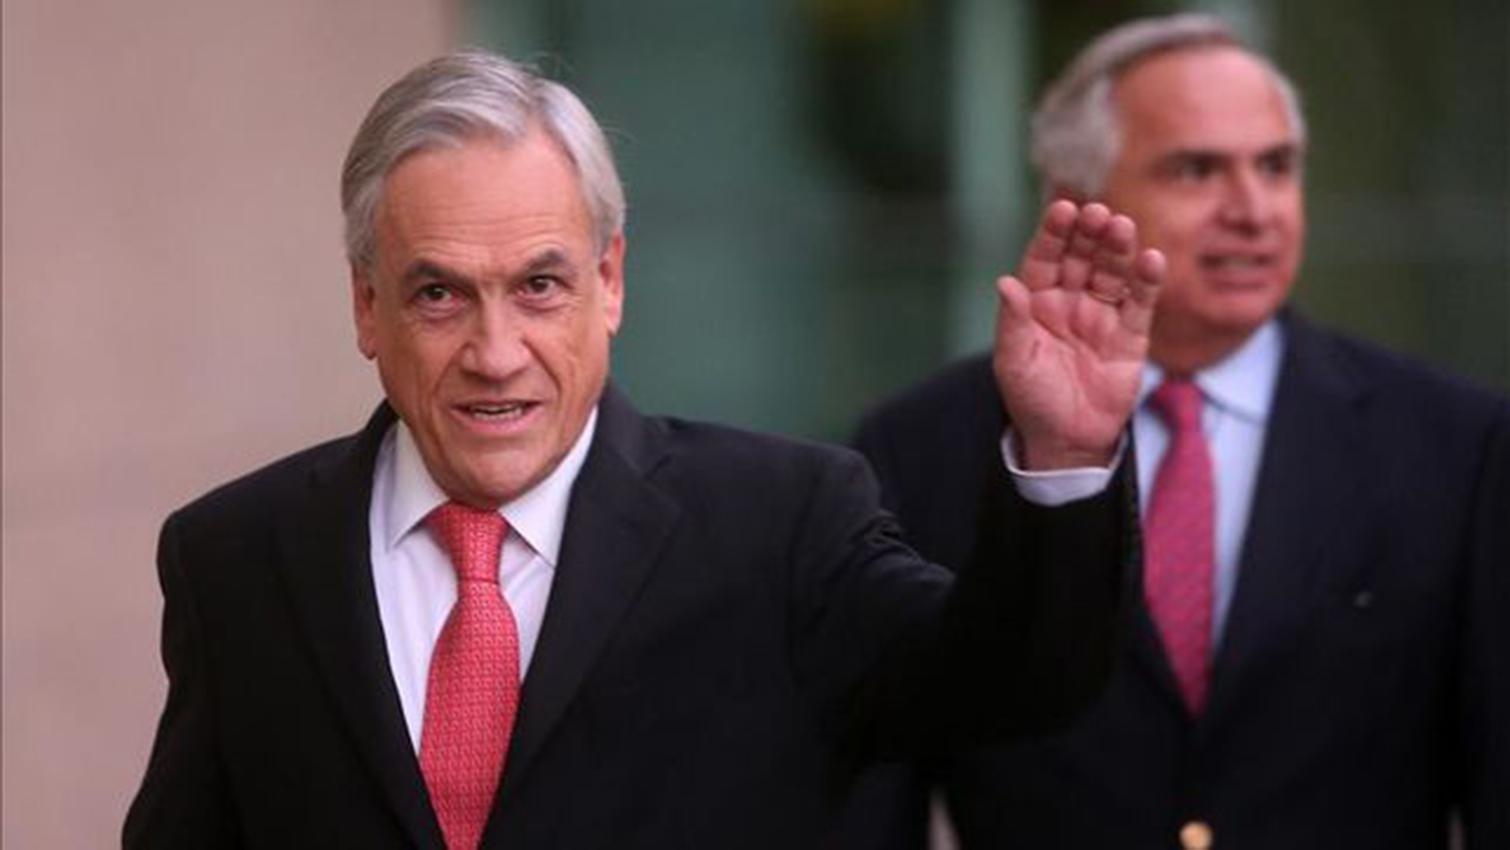 El presidente chileno, Sebastián Piñera, anunció una remodelación de su gabinete Foto con fines ilustrativos